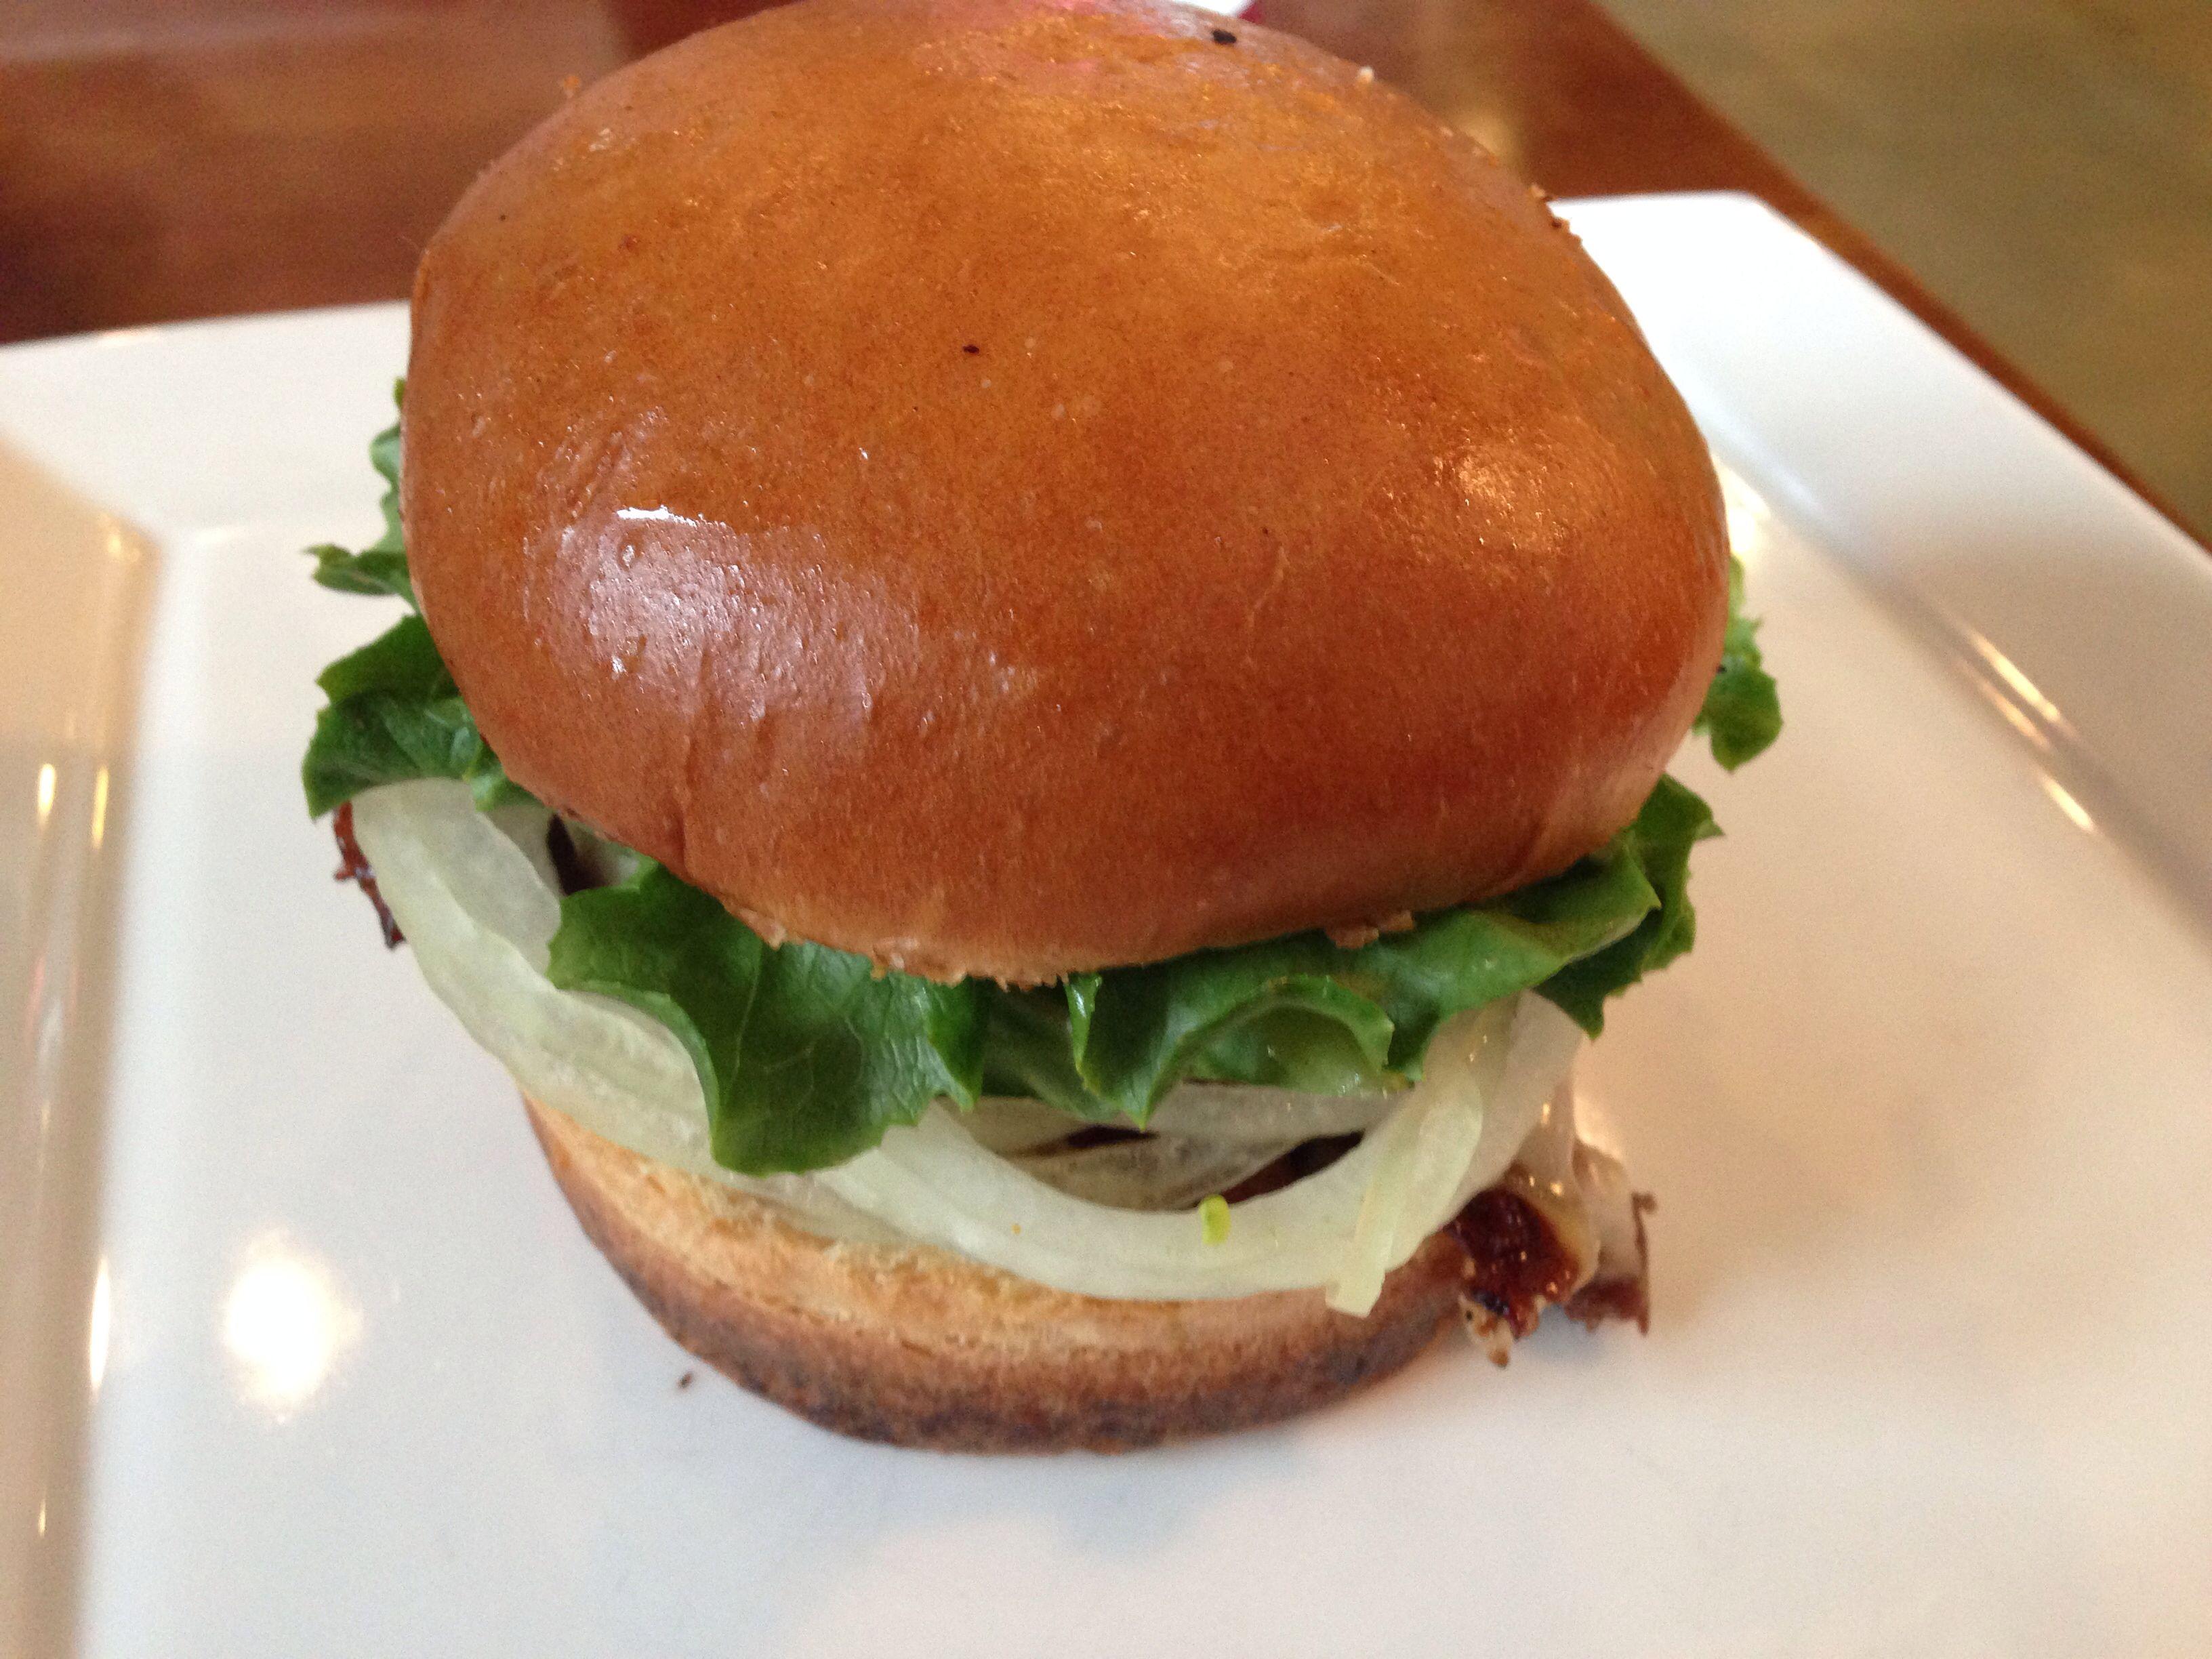 Bulgogi Burger from Kraze Burger in Leesburg, VA